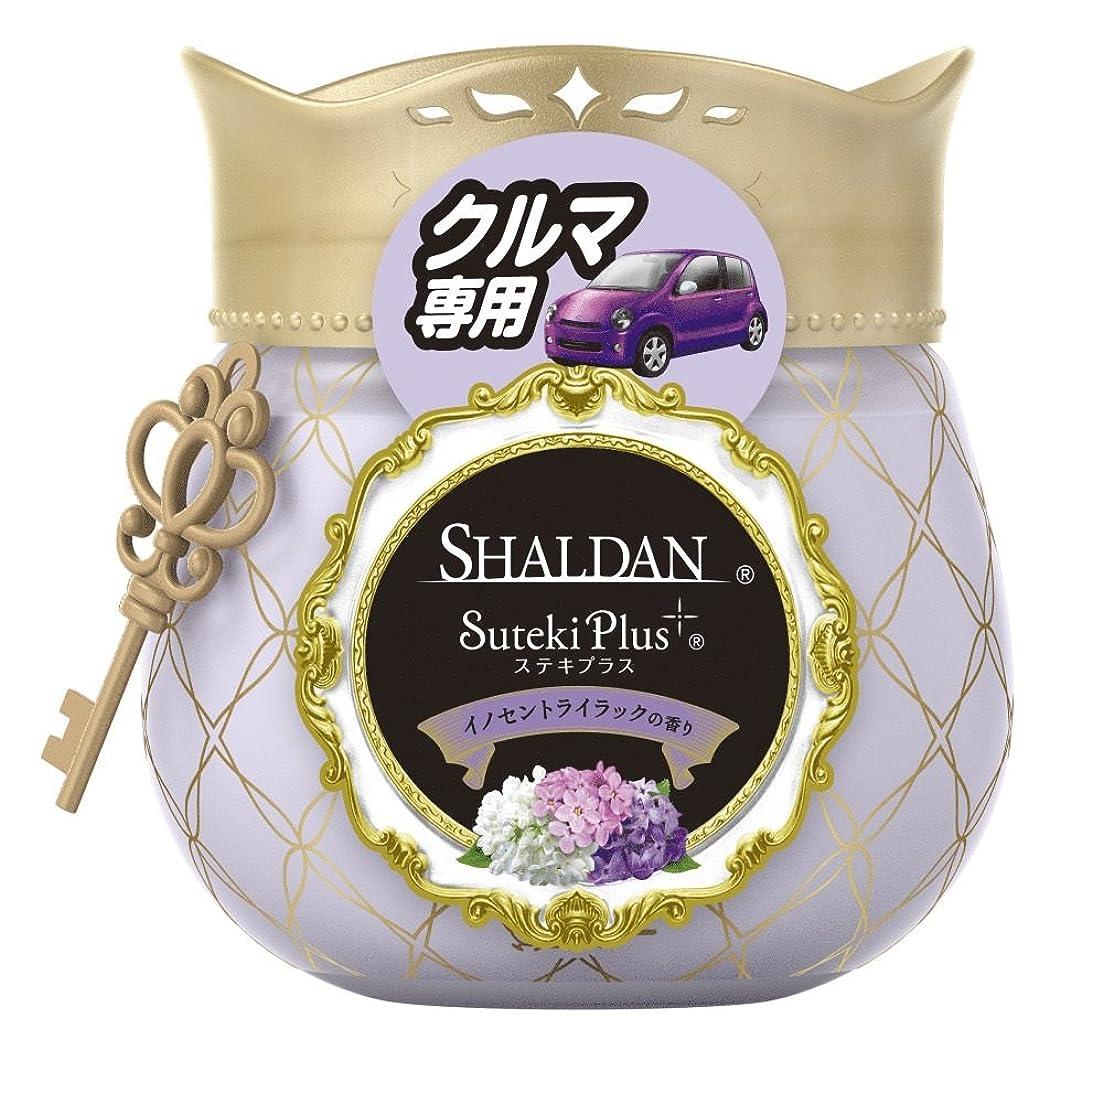 予想外先史時代の水平シャルダン SHALDAN ステキプラス クルマ専用 消臭芳香剤 クルマ用 クルマ イノセントライラックの香り 90g